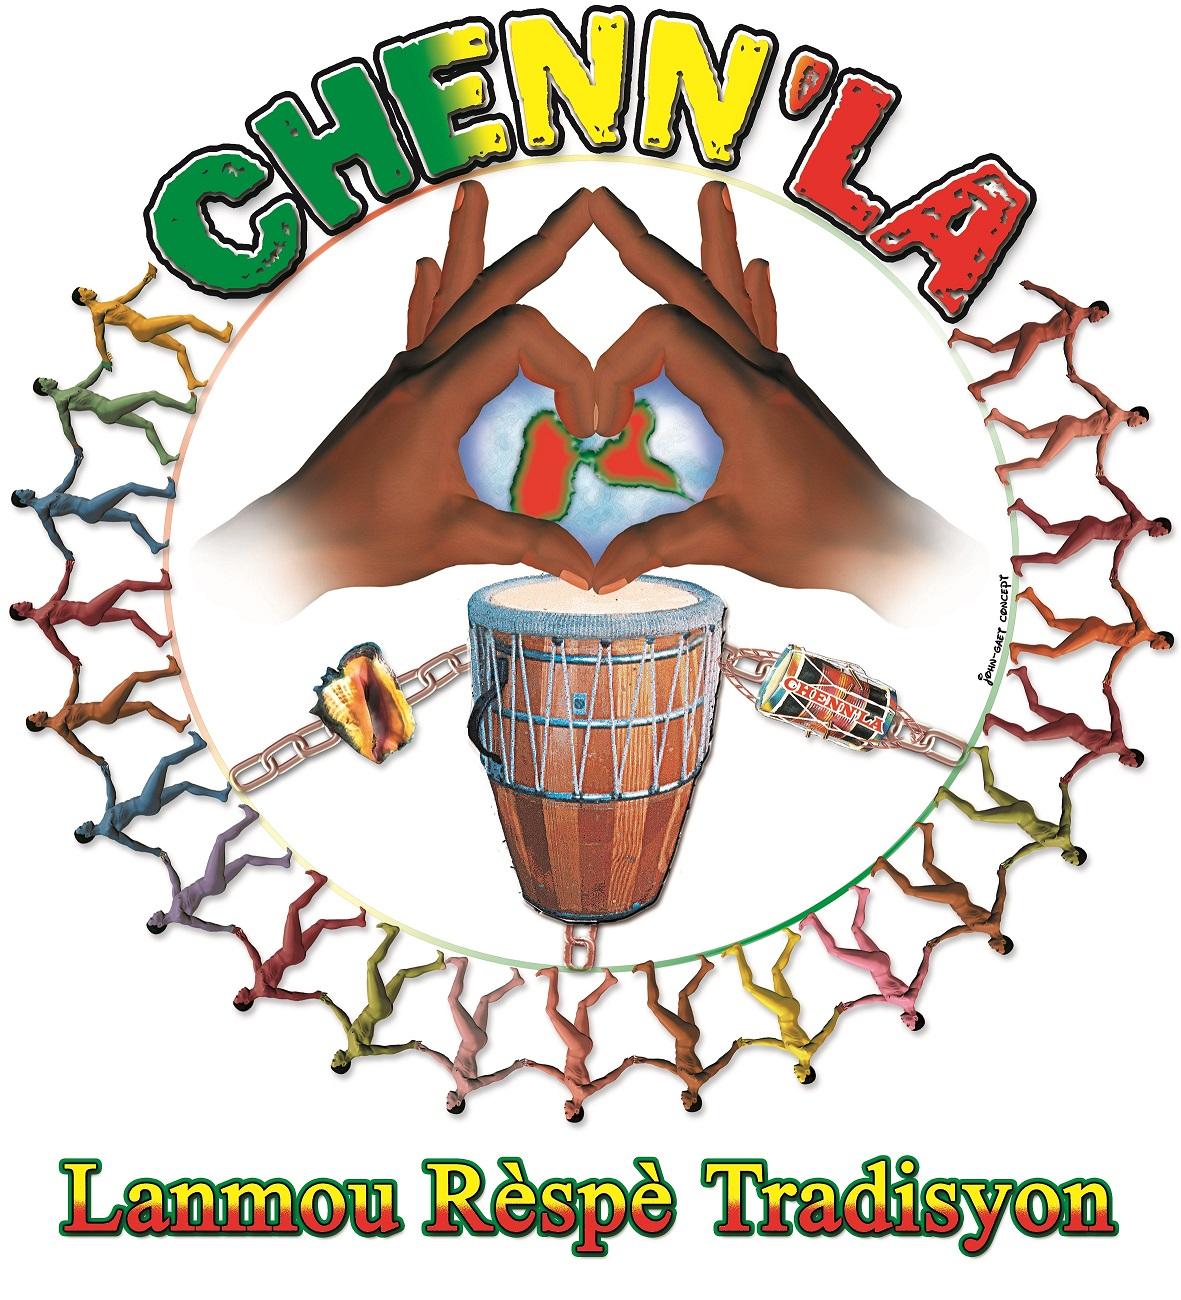 Un tambour chant avec le groupe Chenn La